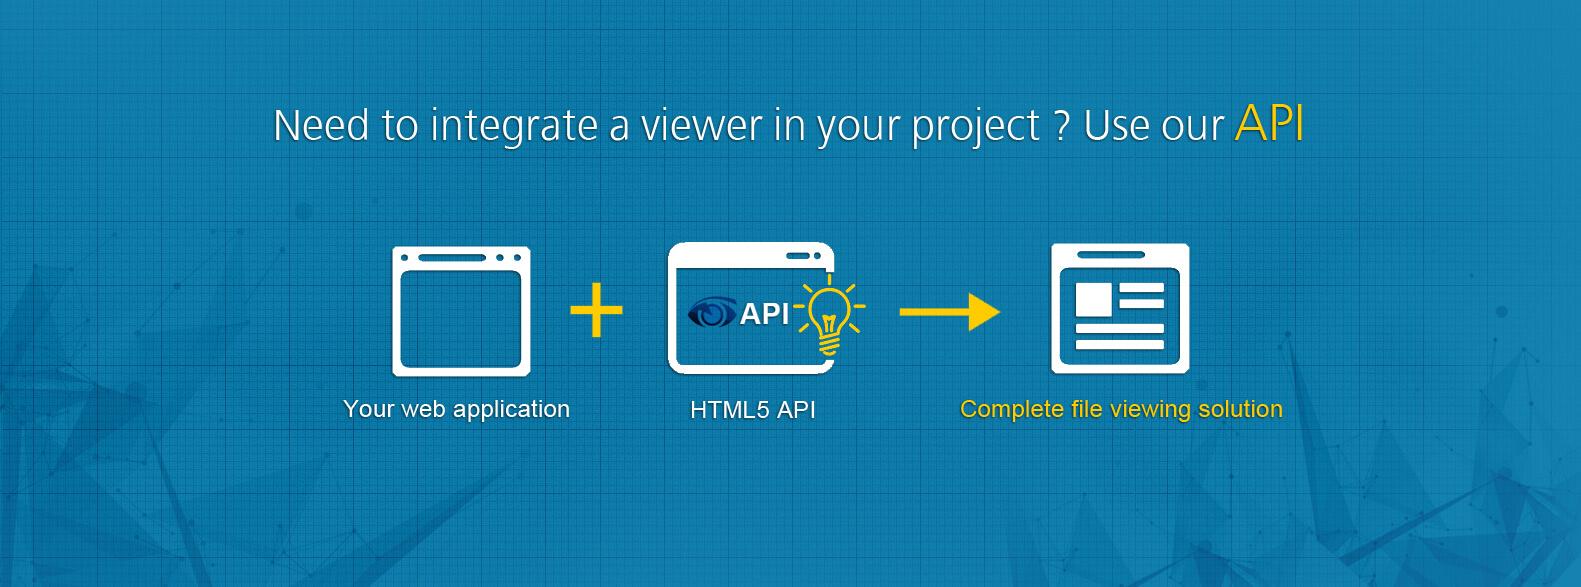 HTML5 documnet viewer